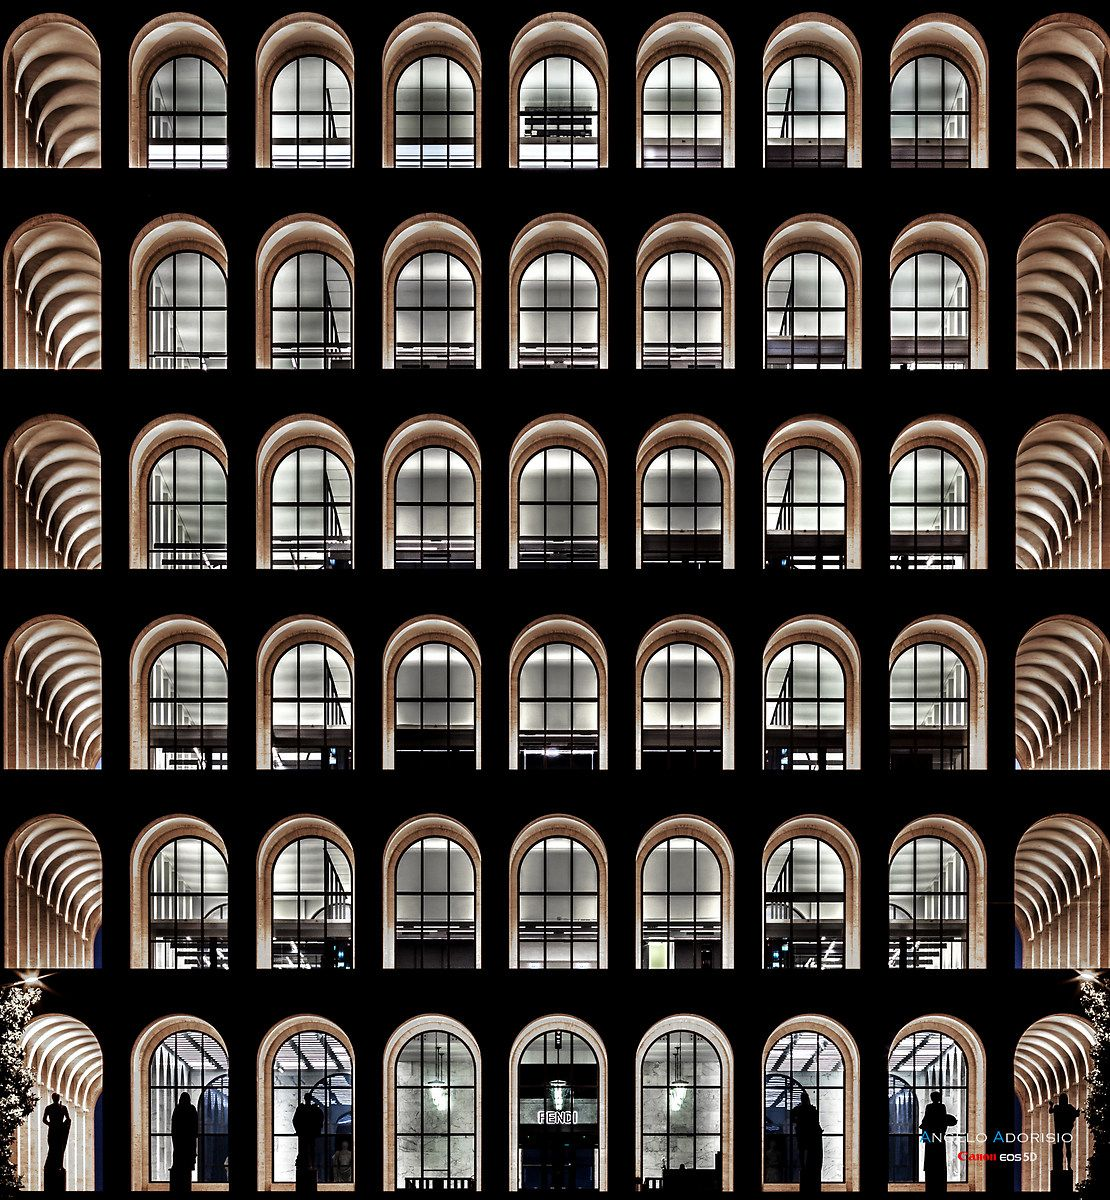 Palazzo Della Civilta E Del Lavoro Roma Eur Design Della Facciata Dettagli Di Architettura Portfolio Di Architettura